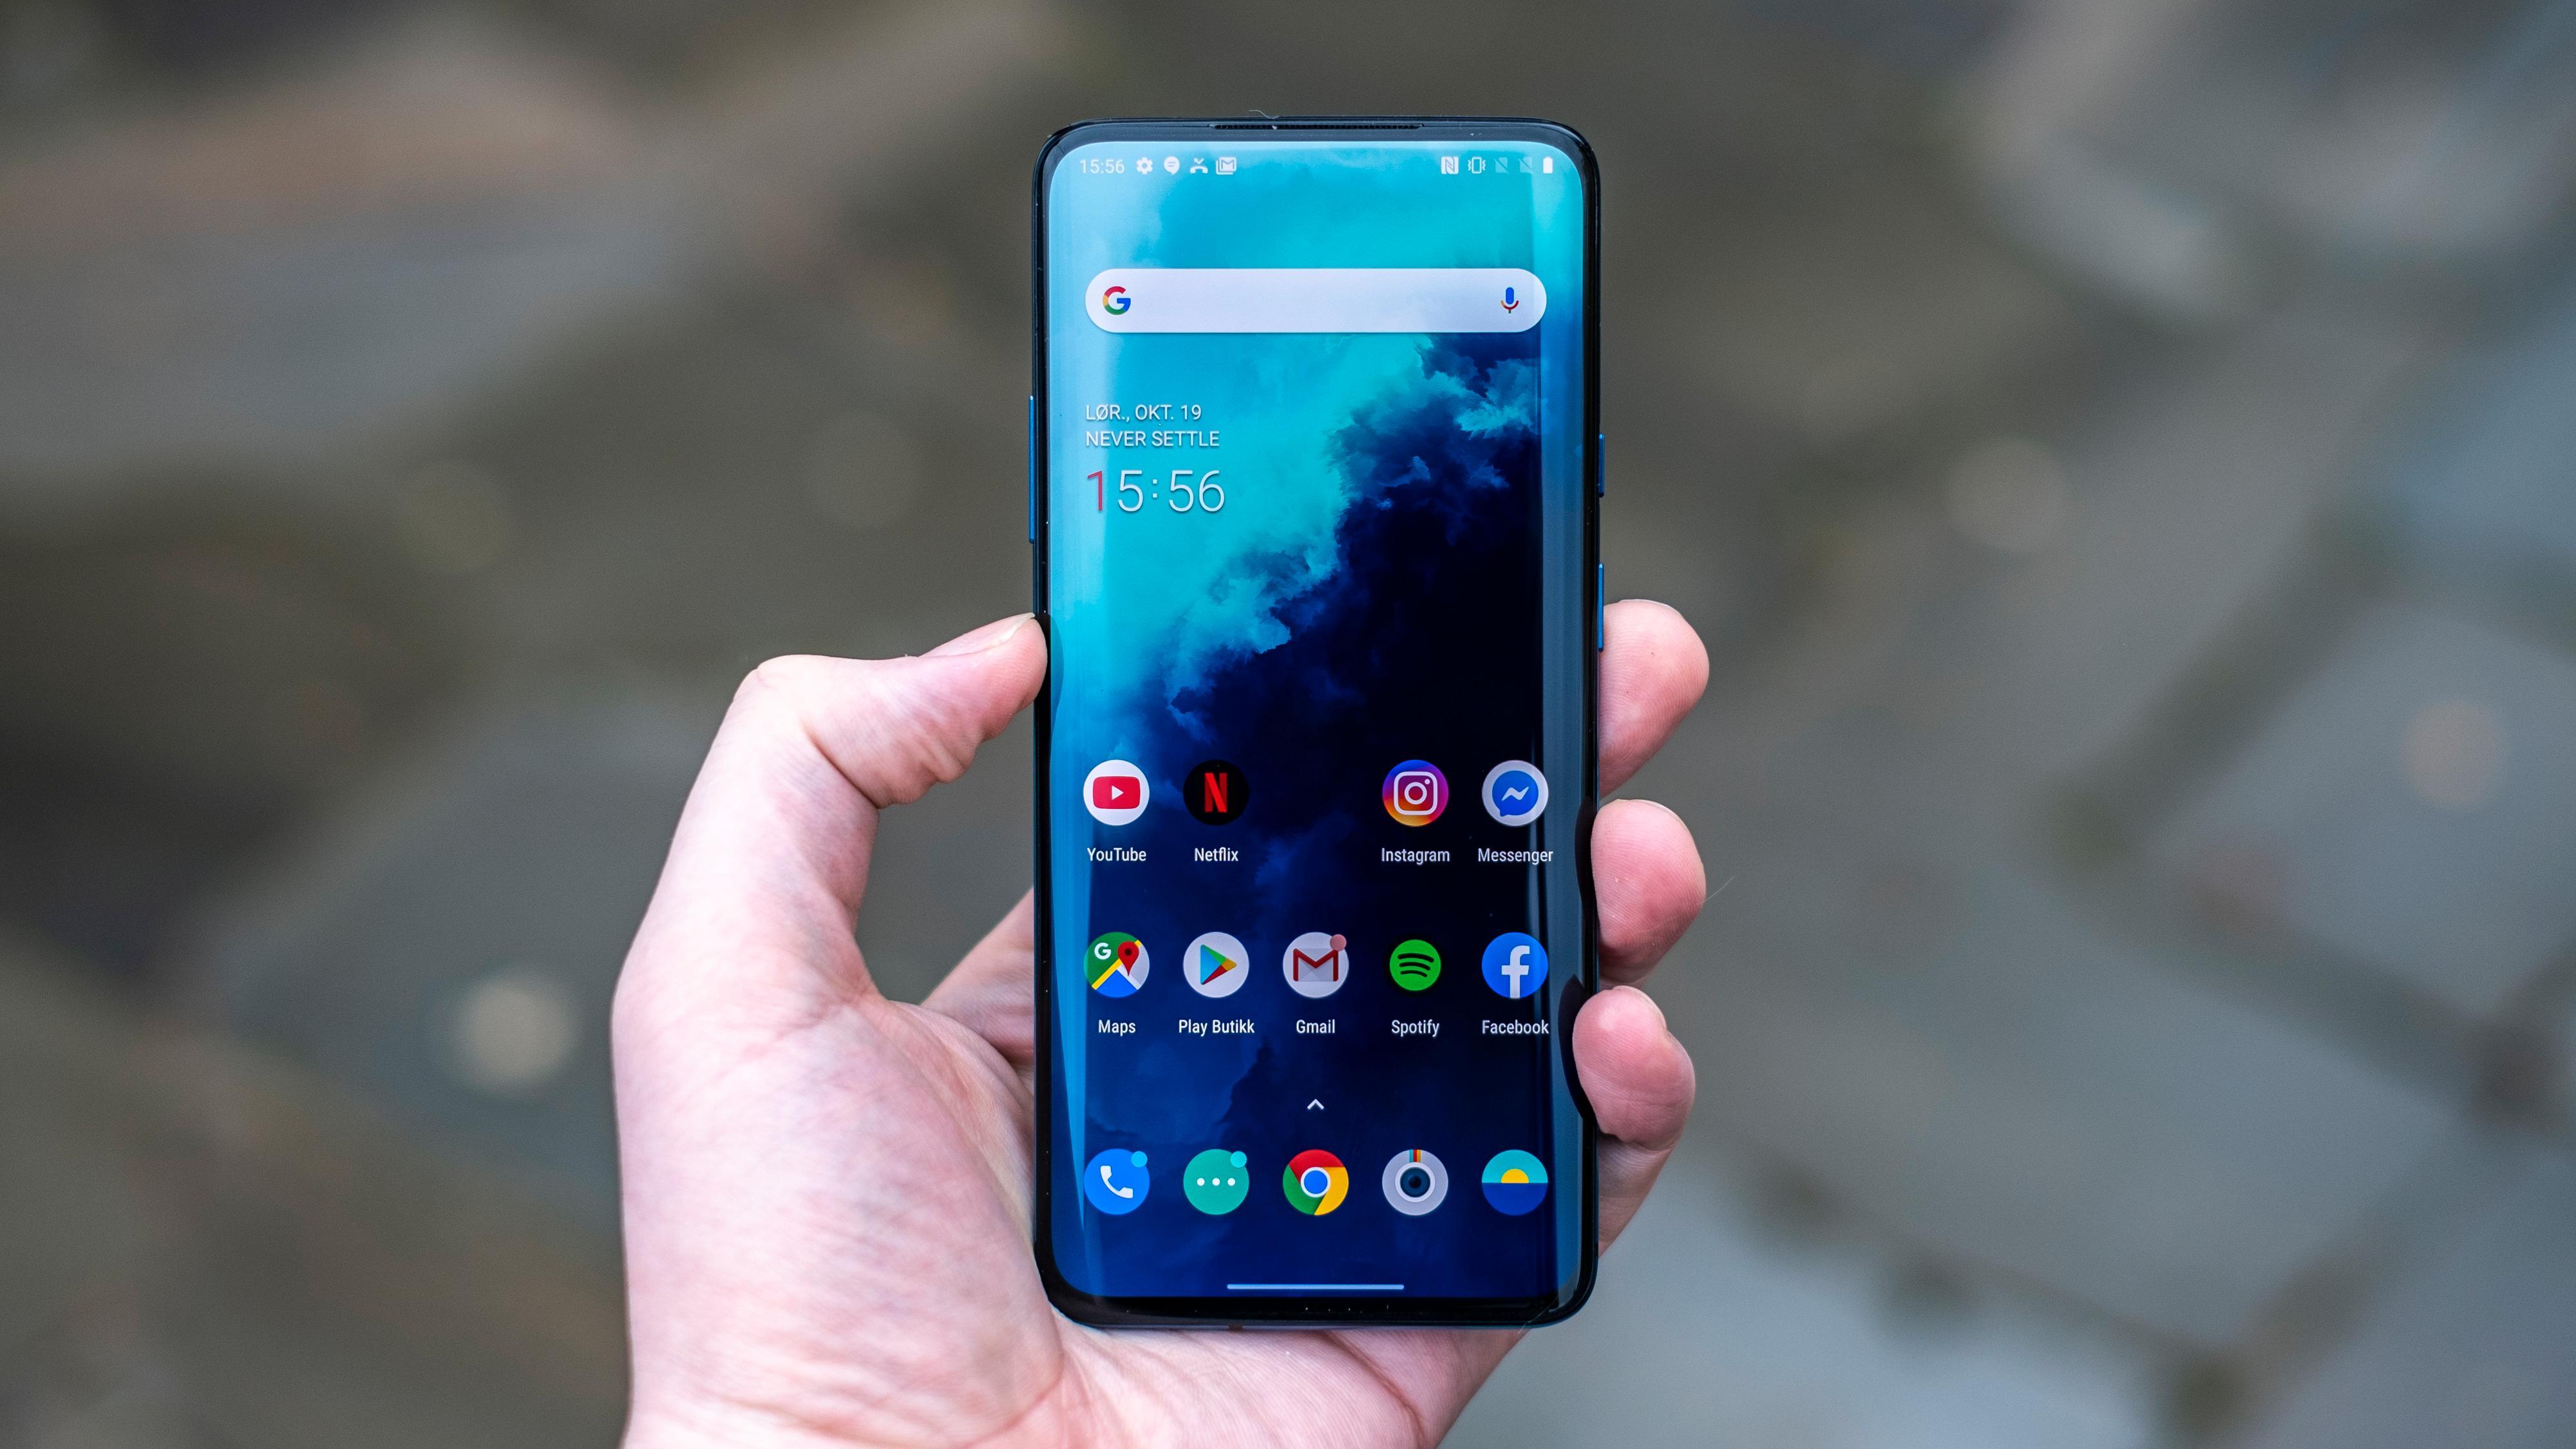 Den fabelaktige 90 Hz-skjermen har god lysstyrke og gode farger, og er helt vanvittig behagelig å bruke over tid sammenliknet med de fleste andre mobilskjermer. Denne egenskapen er også ny i nylanserte Google Pixel 4, så vi forventer å se den i flere telefoner fremover.